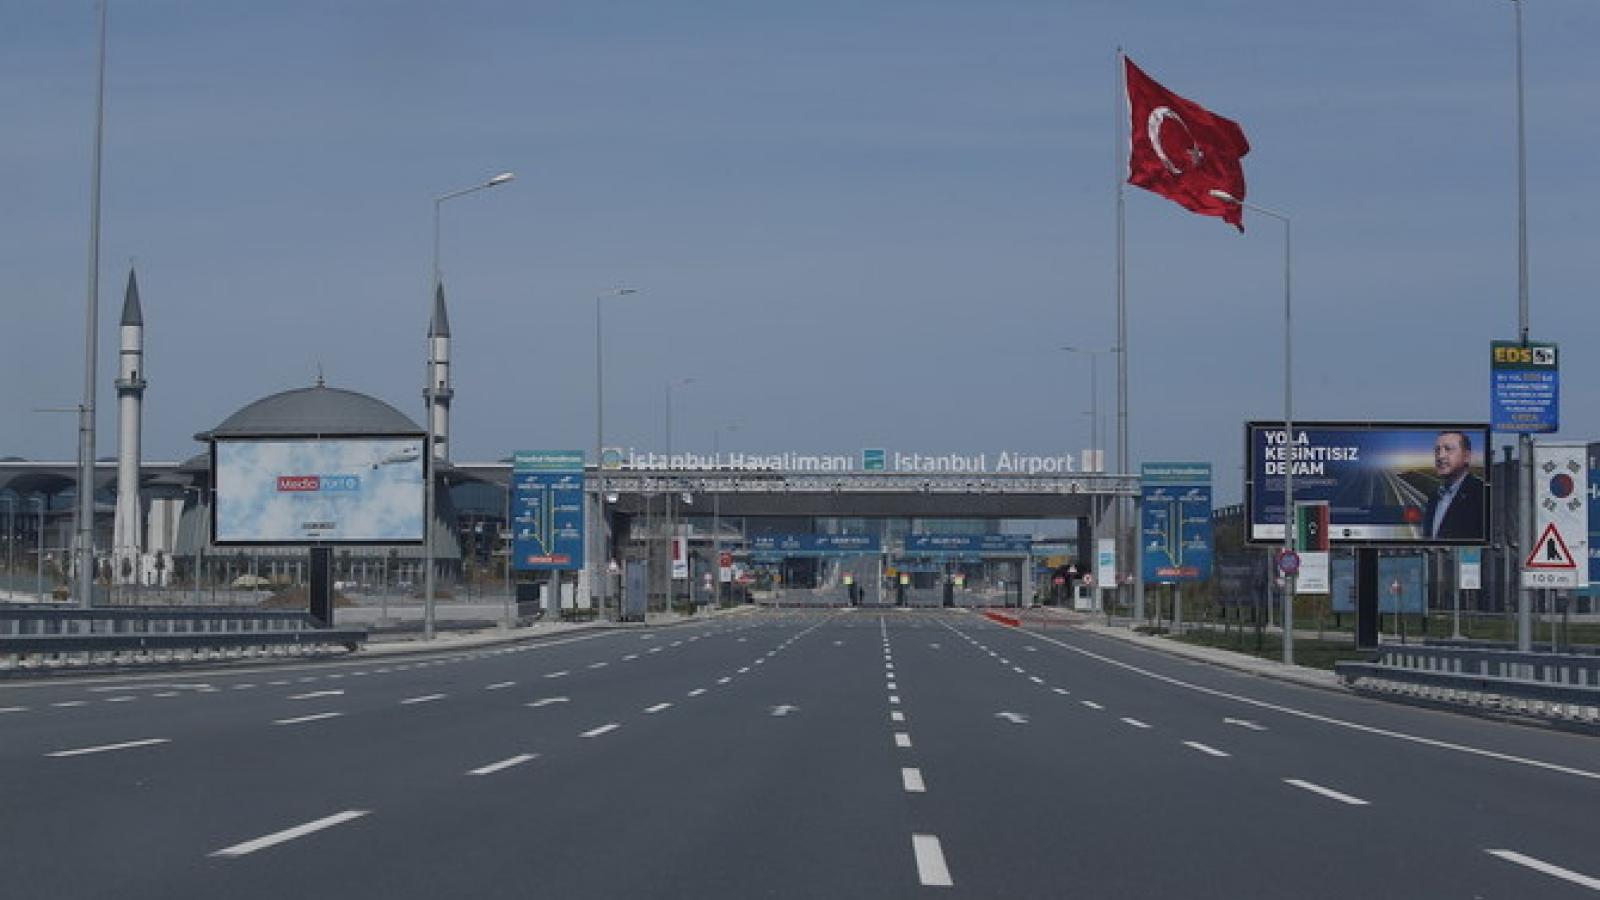 Thổ Nhĩ Kỳ có số ca mắc Covid-19 lớn nhất Trung Đông